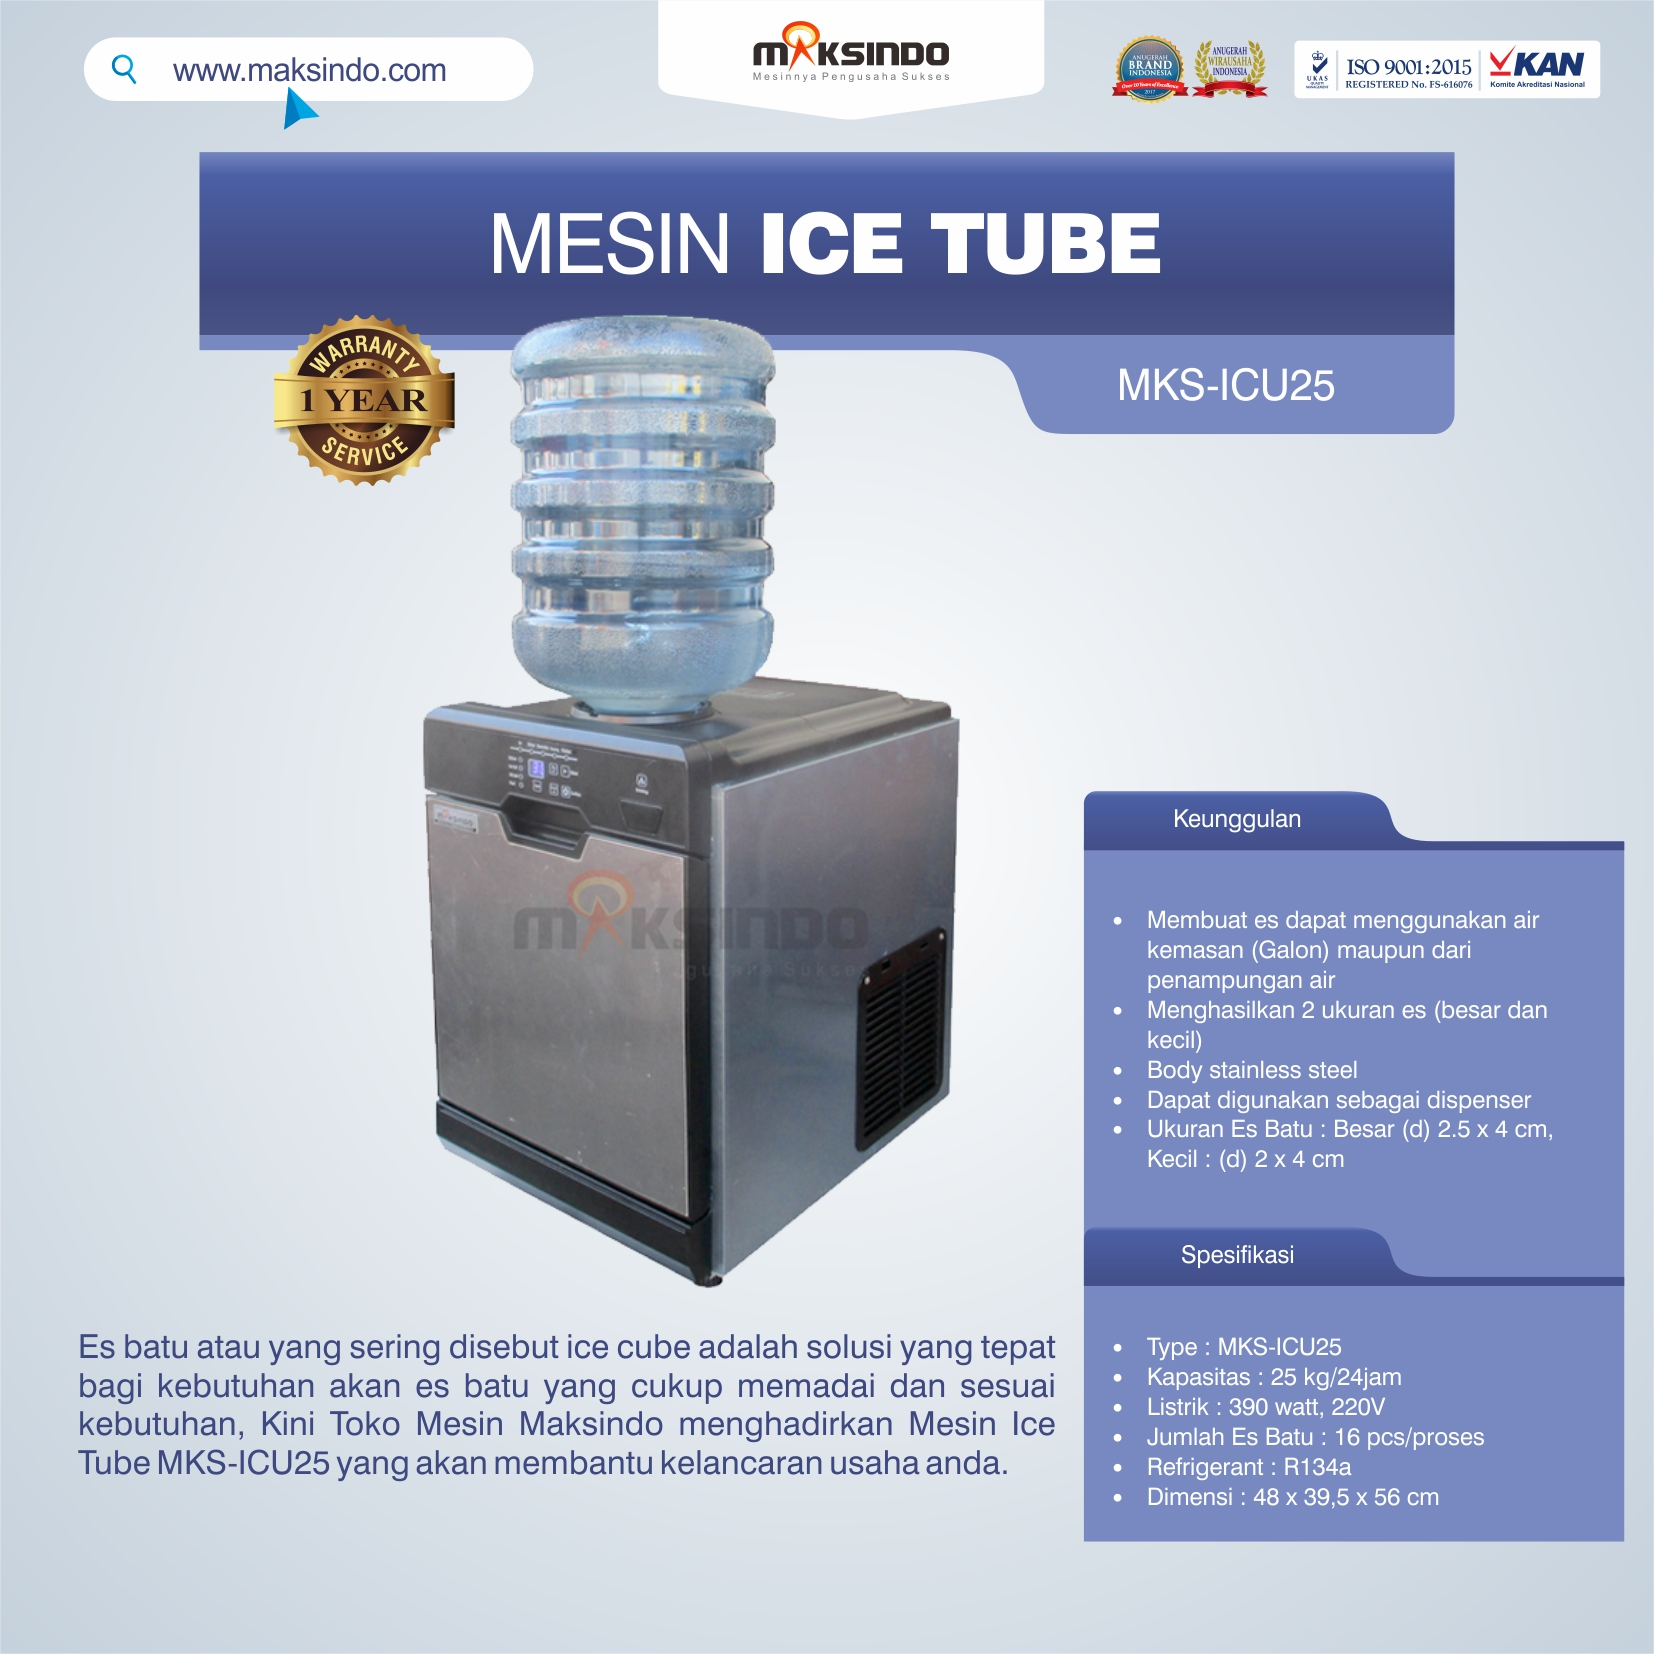 Jual Mesin Ice Tube MKS-ICU25 di Bogor